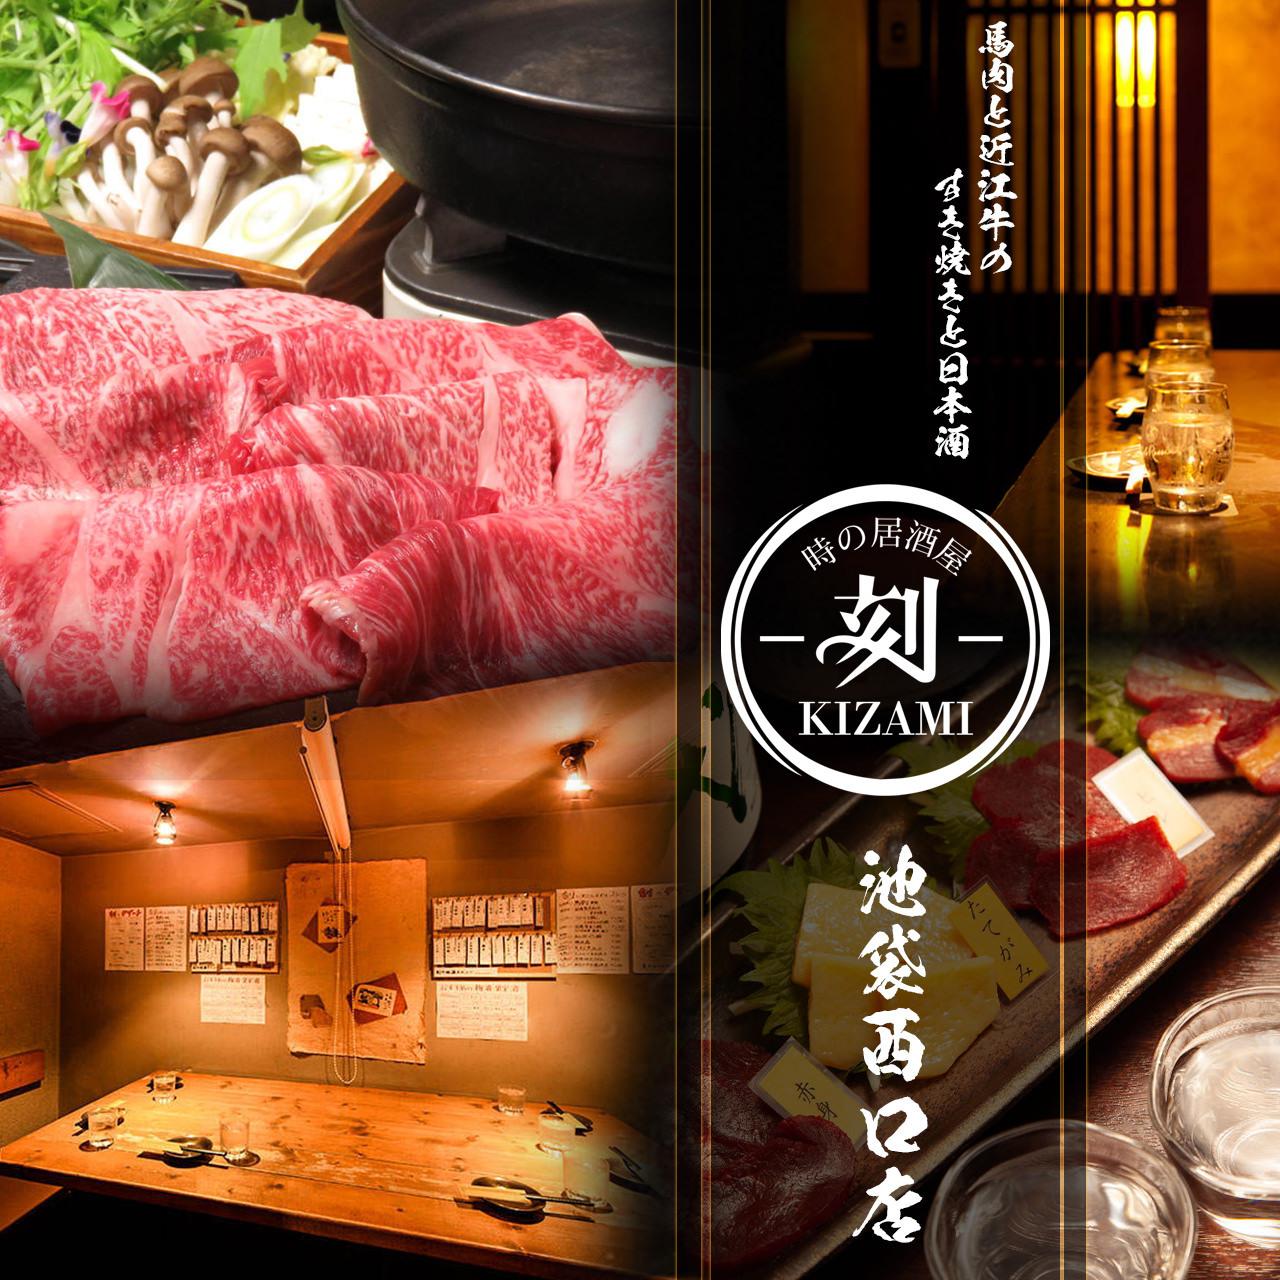 馬肉と近江牛すき焼きと日本酒 刻 Kizami 池袋西口店のイメージ写真